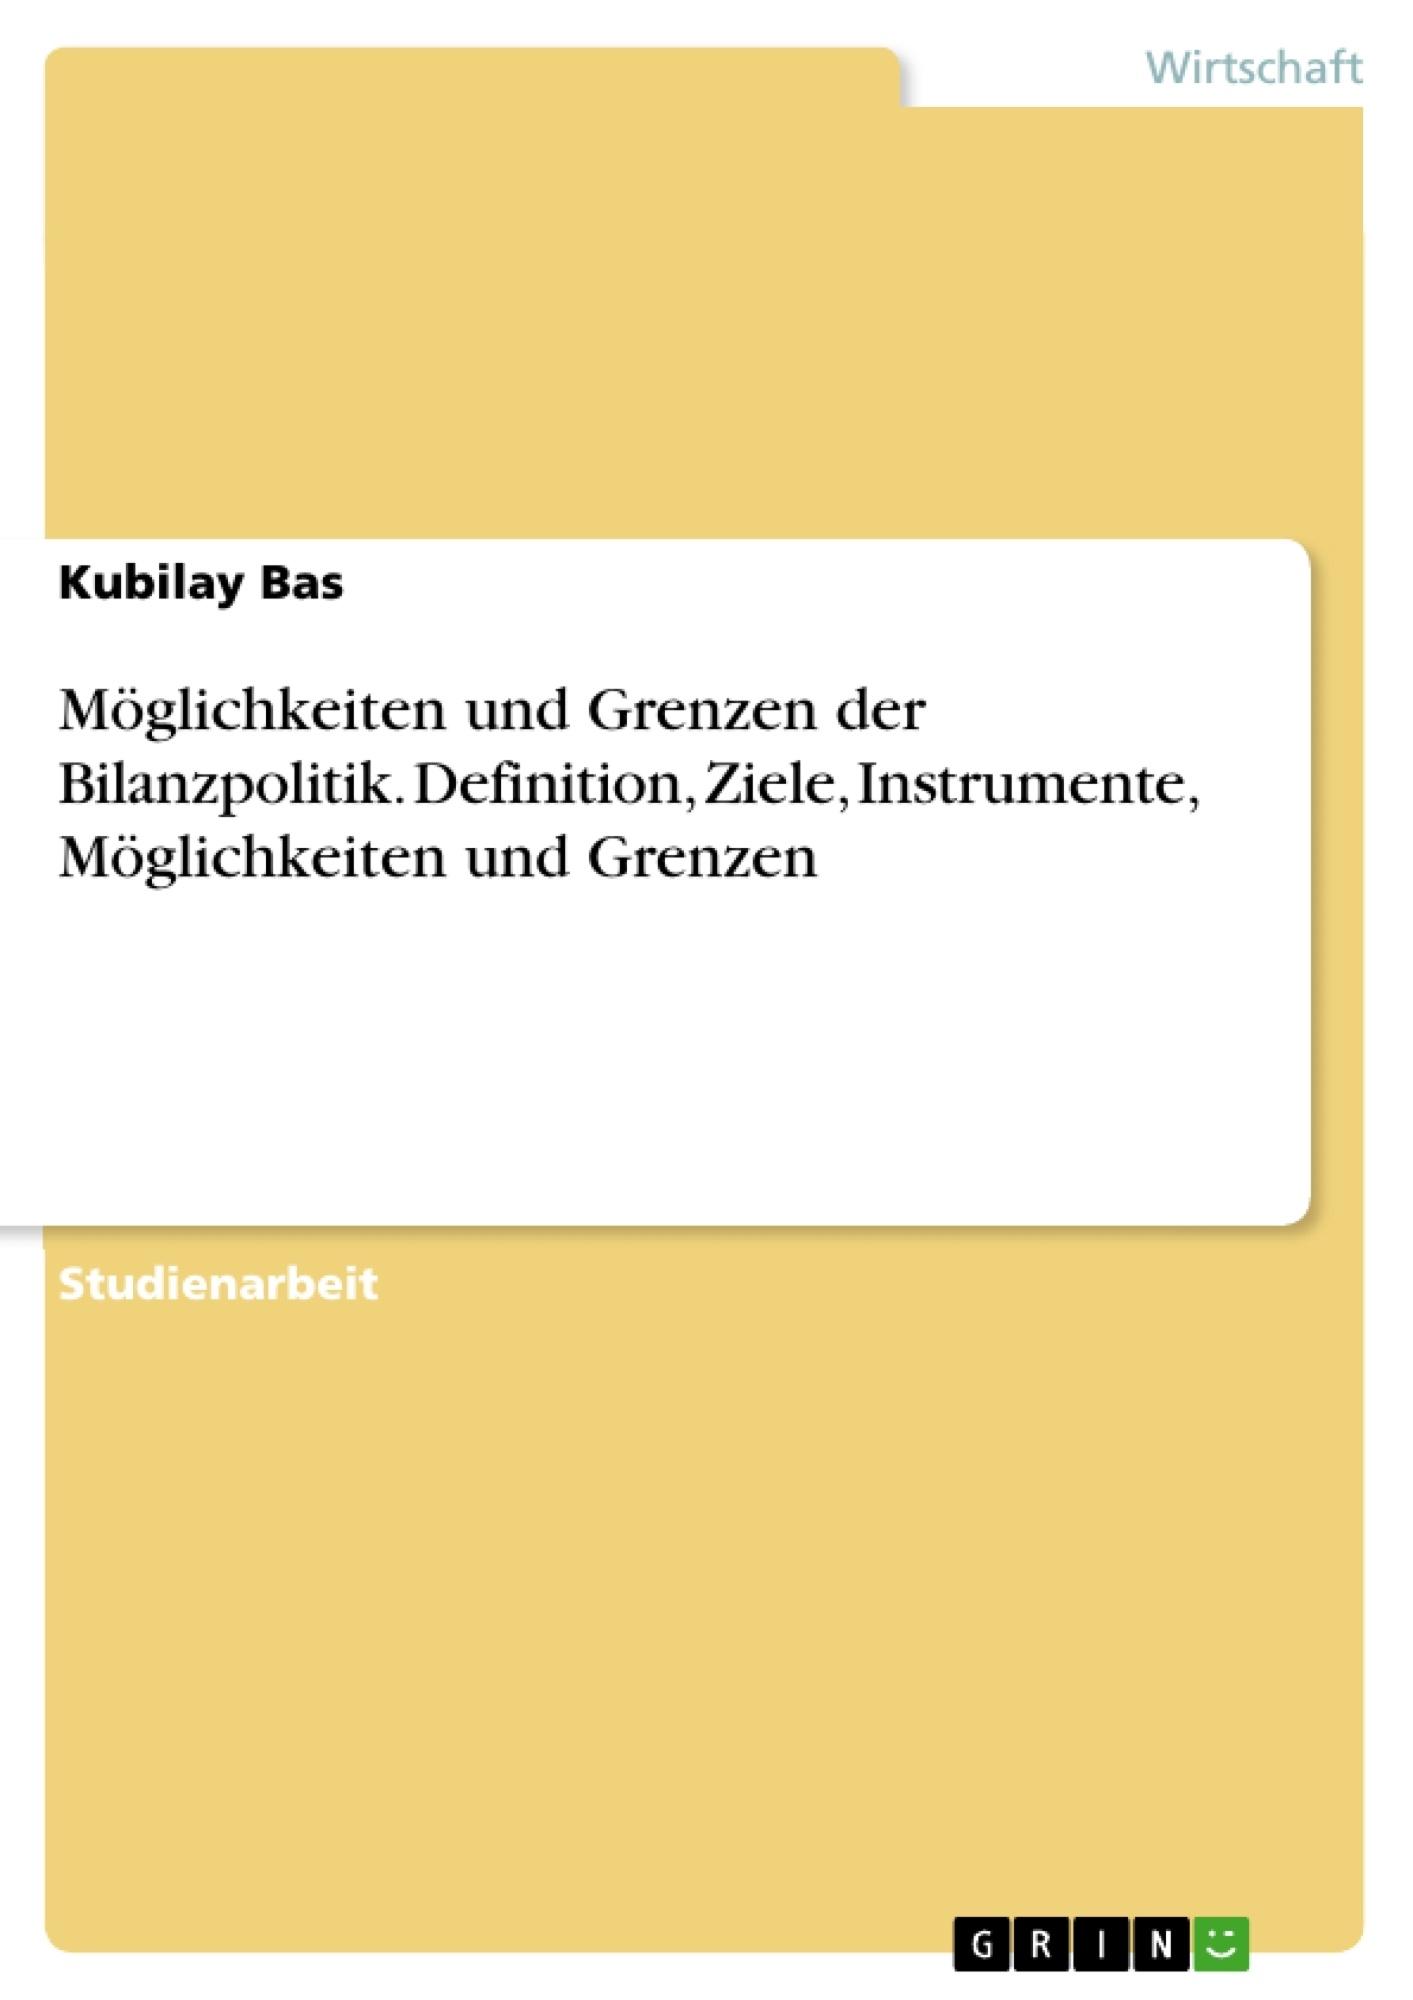 Titel: Möglichkeiten und Grenzen der Bilanzpolitik. Definition, Ziele, Instrumente, Möglichkeiten und Grenzen